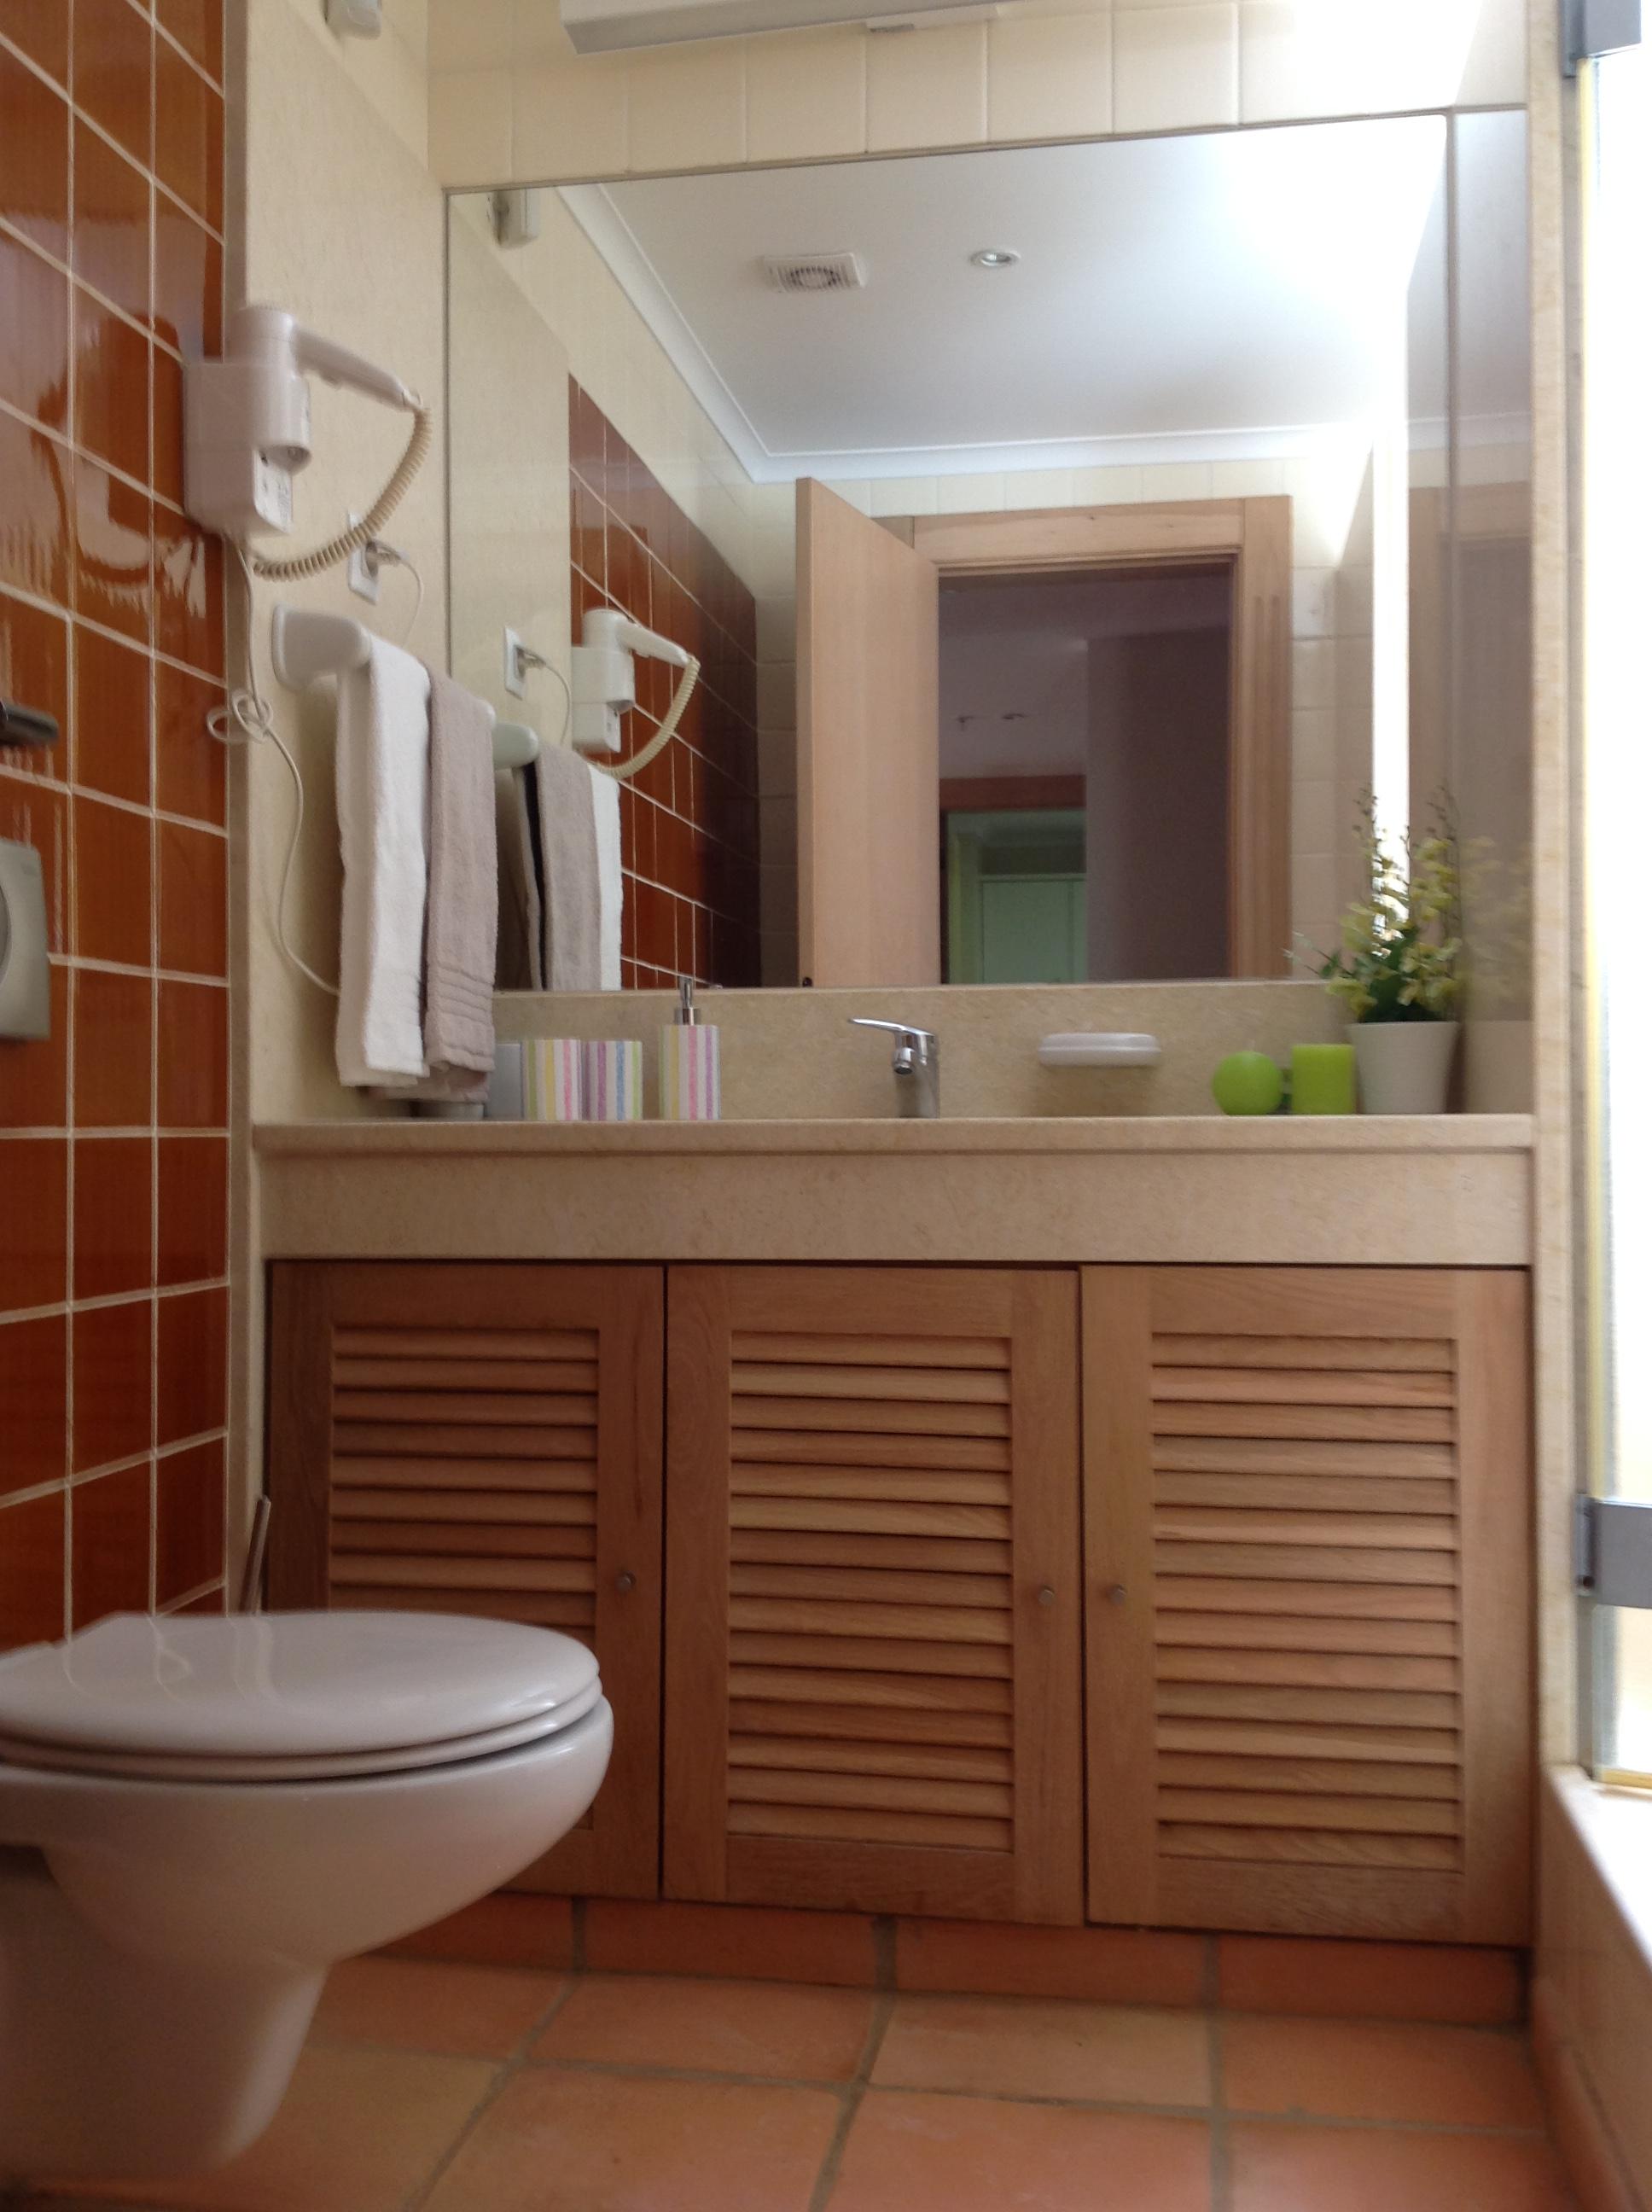 Location appartements et villas de vacance, Casa de Férias Vila Sol à Quarteira, Portugal Algarve, REF_IMG_3982_3992